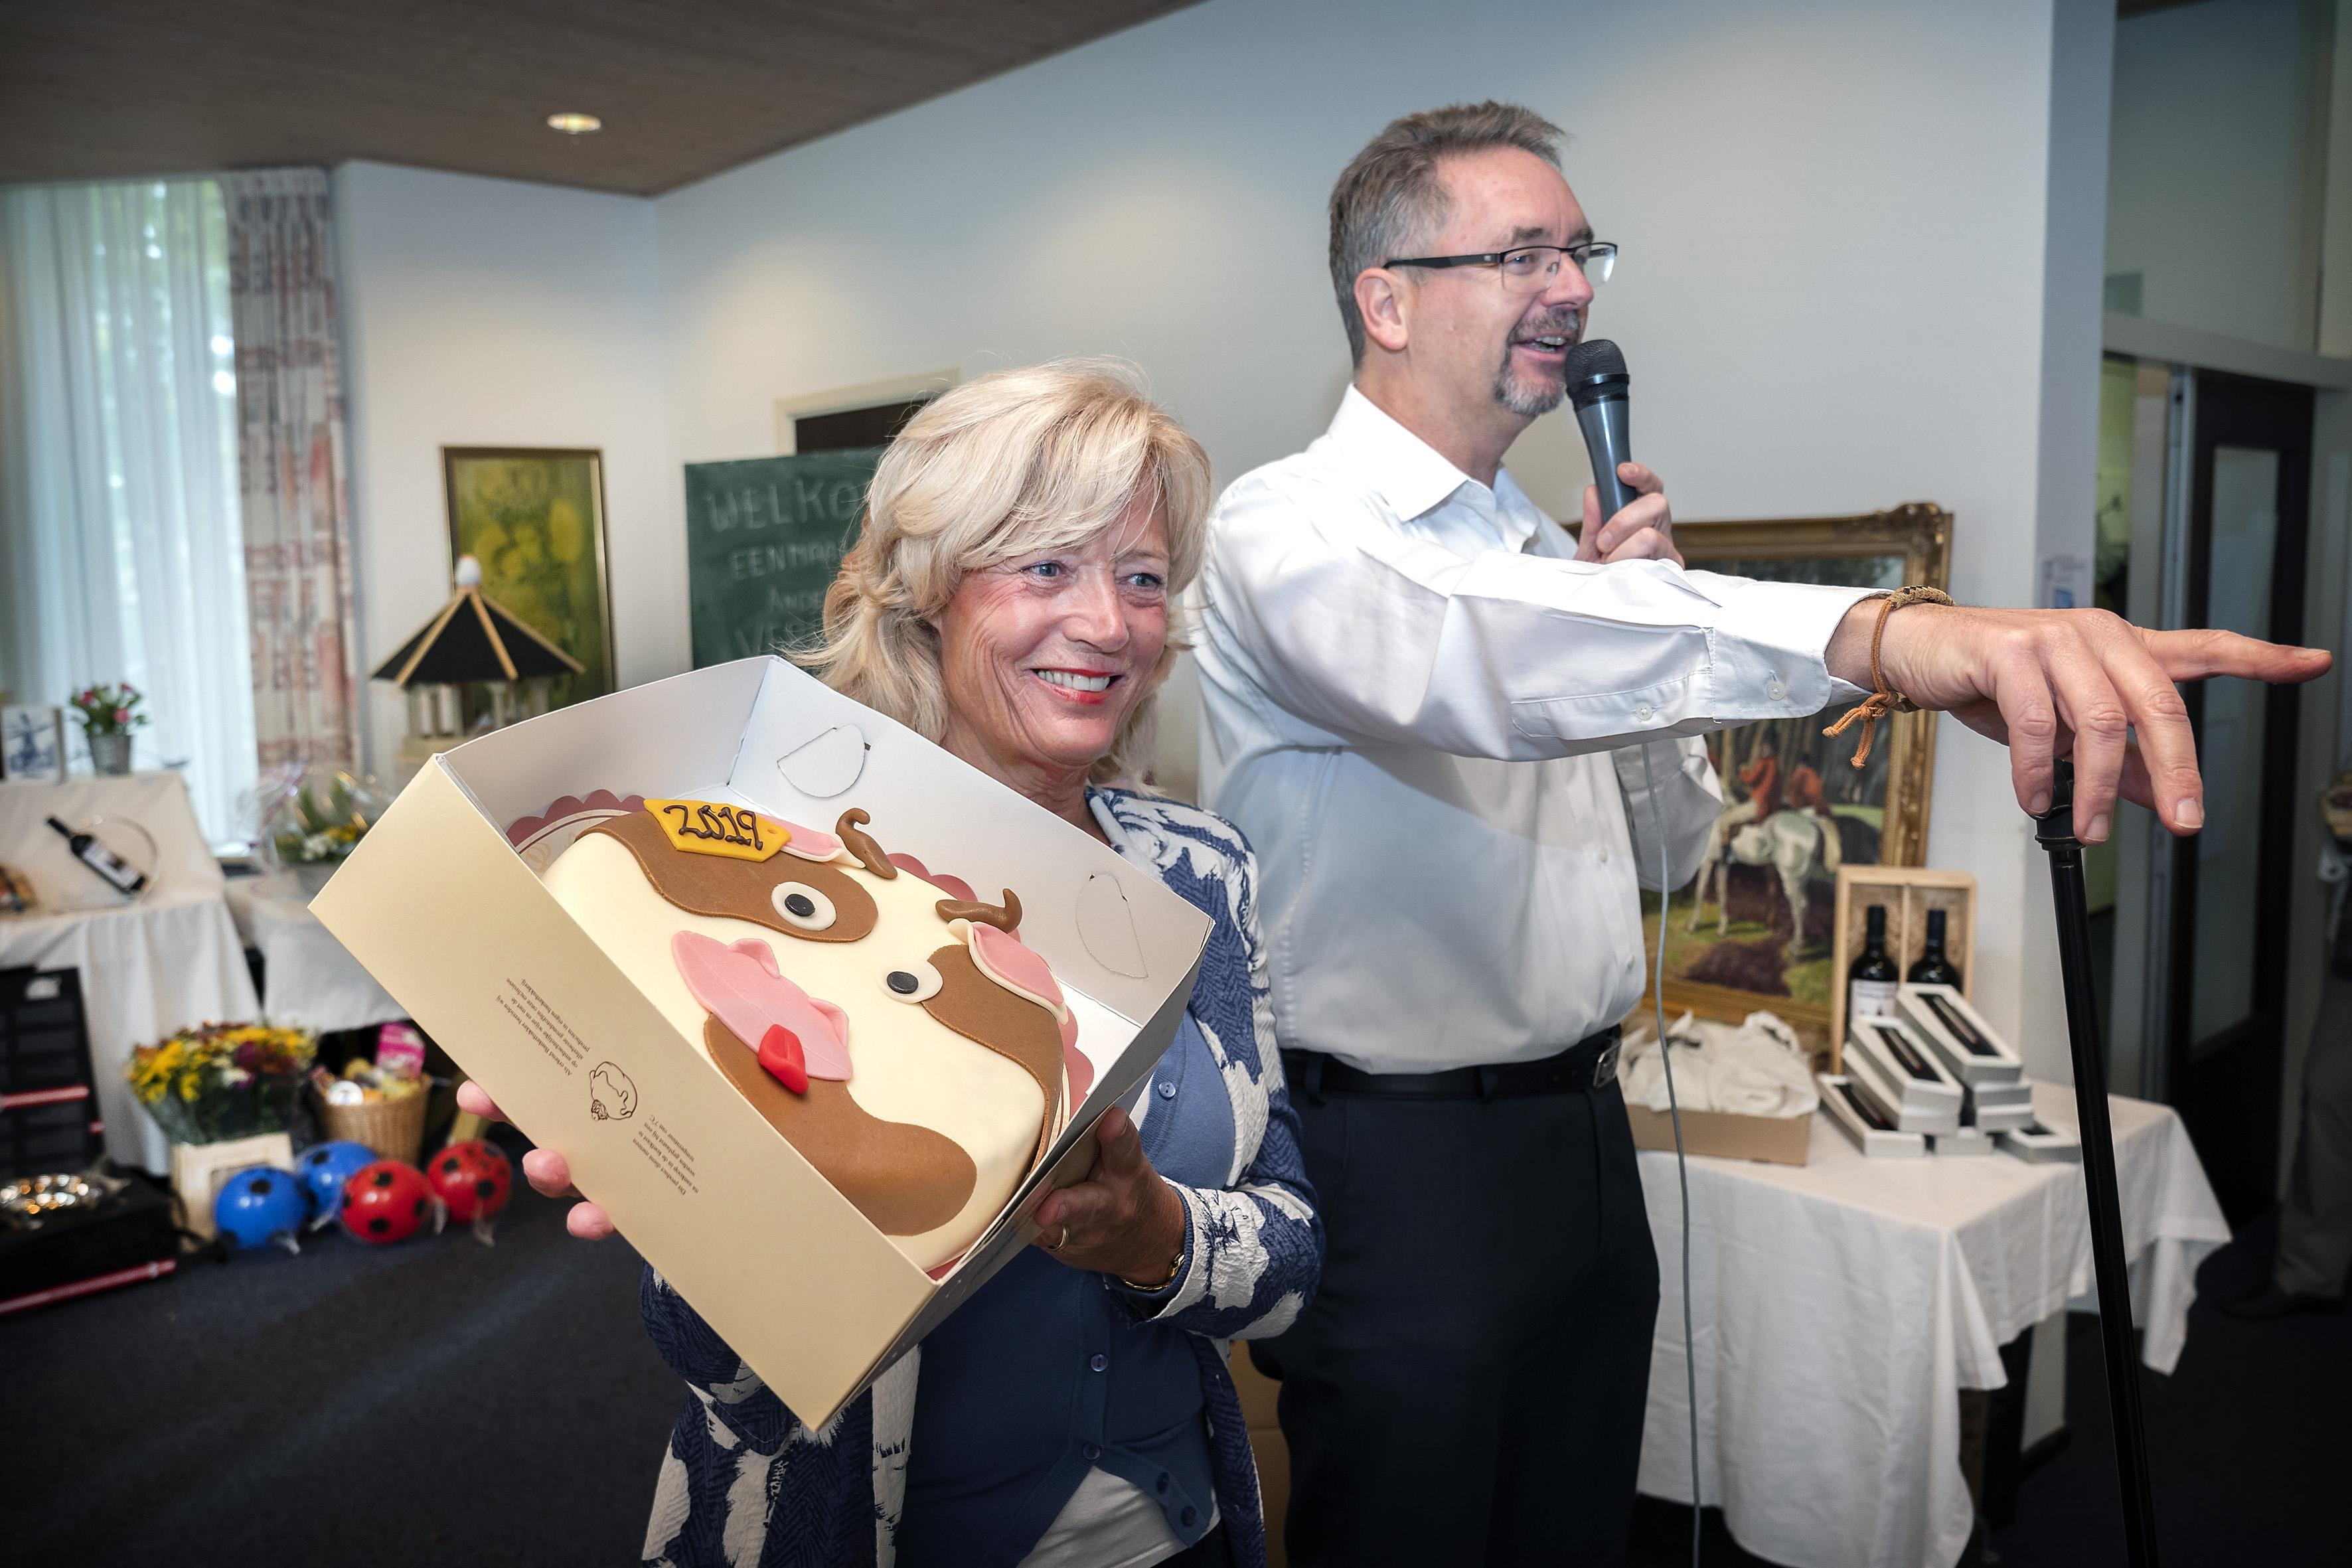 Geschenkenveiling en boekenmarkt Engelmunduskerk in Driehuis vanwege coronamaatregelen van de agenda gehaald